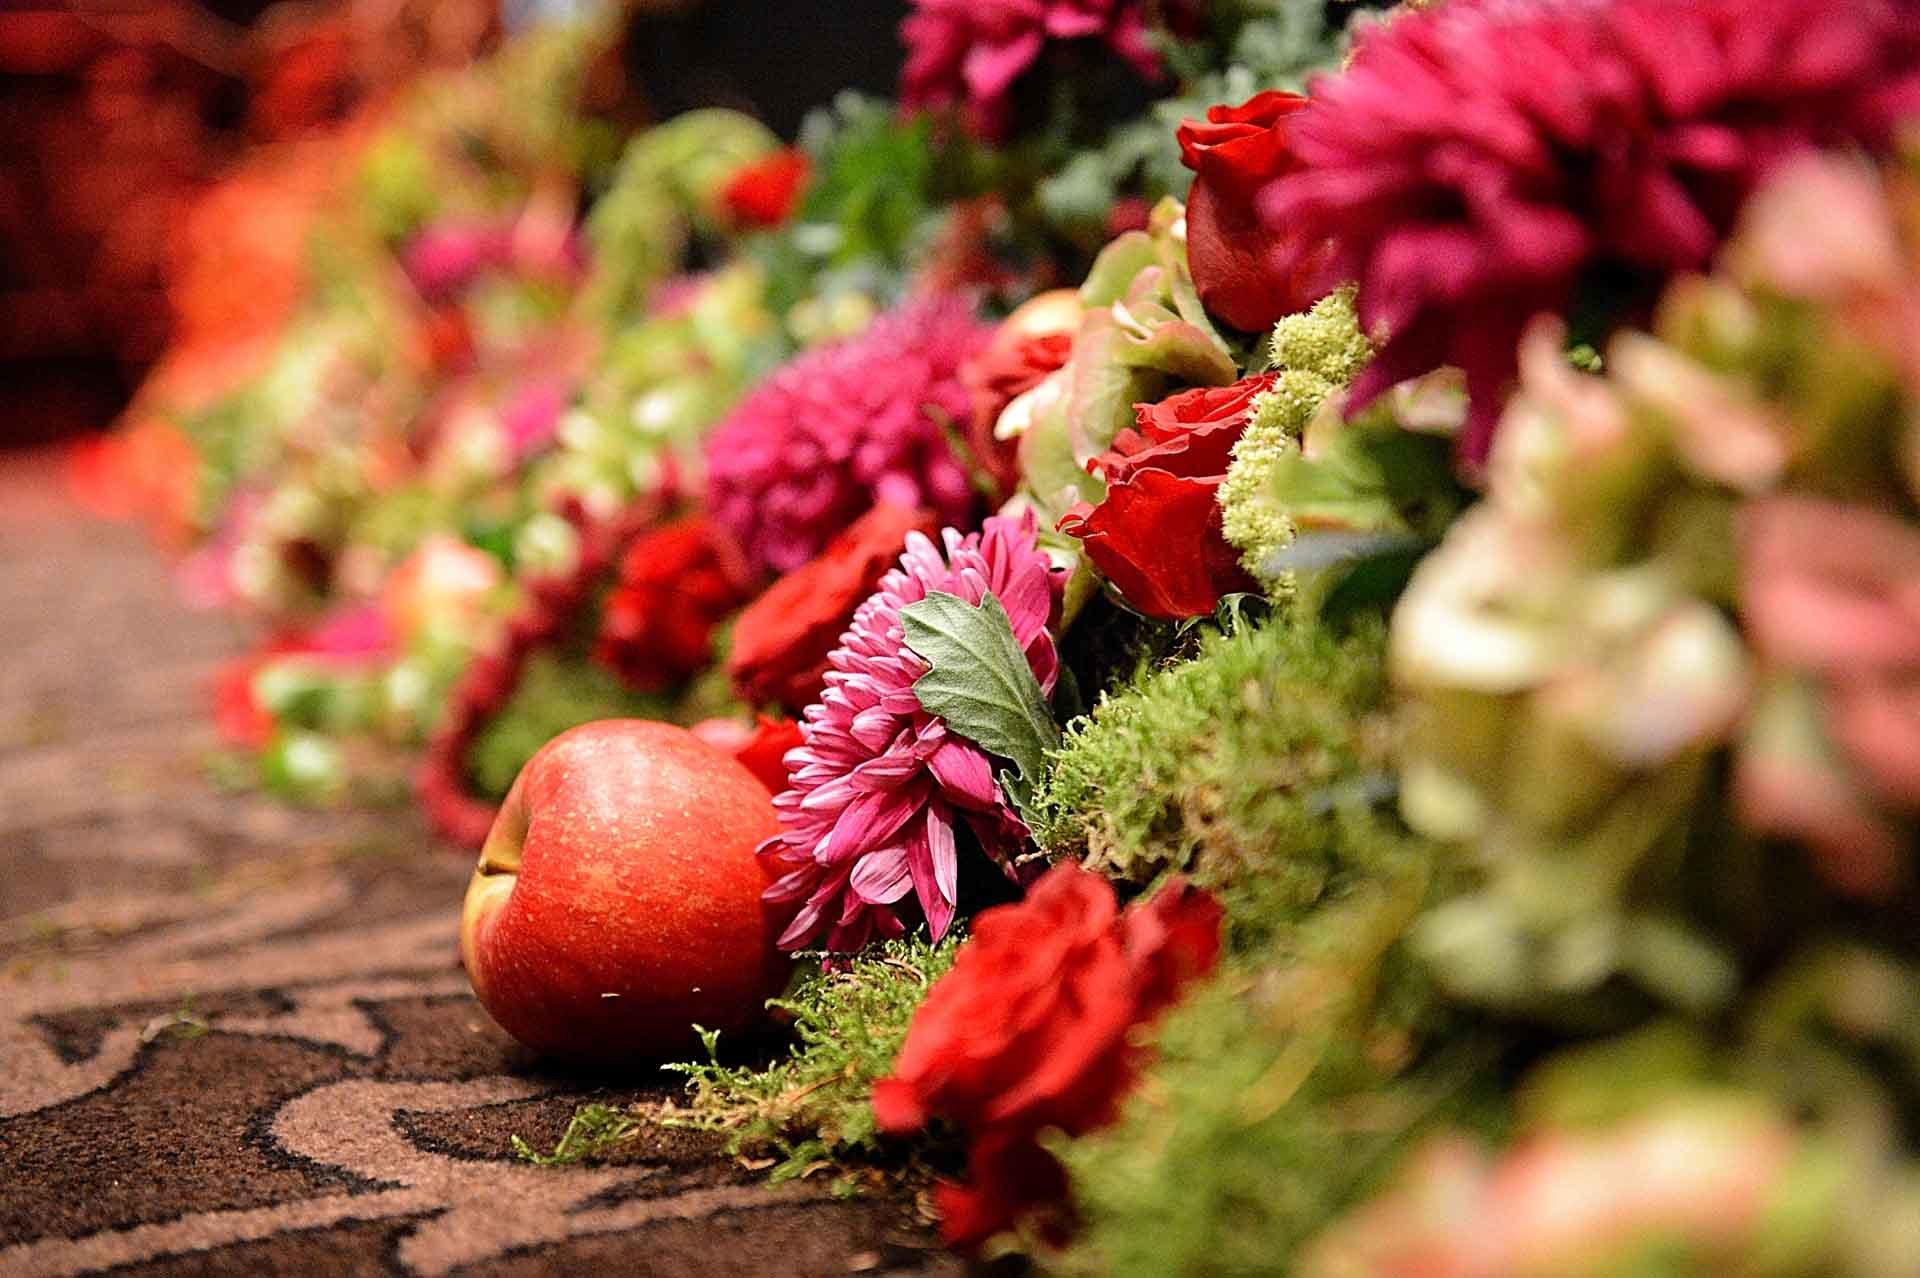 Une décoration originale avec des fruits